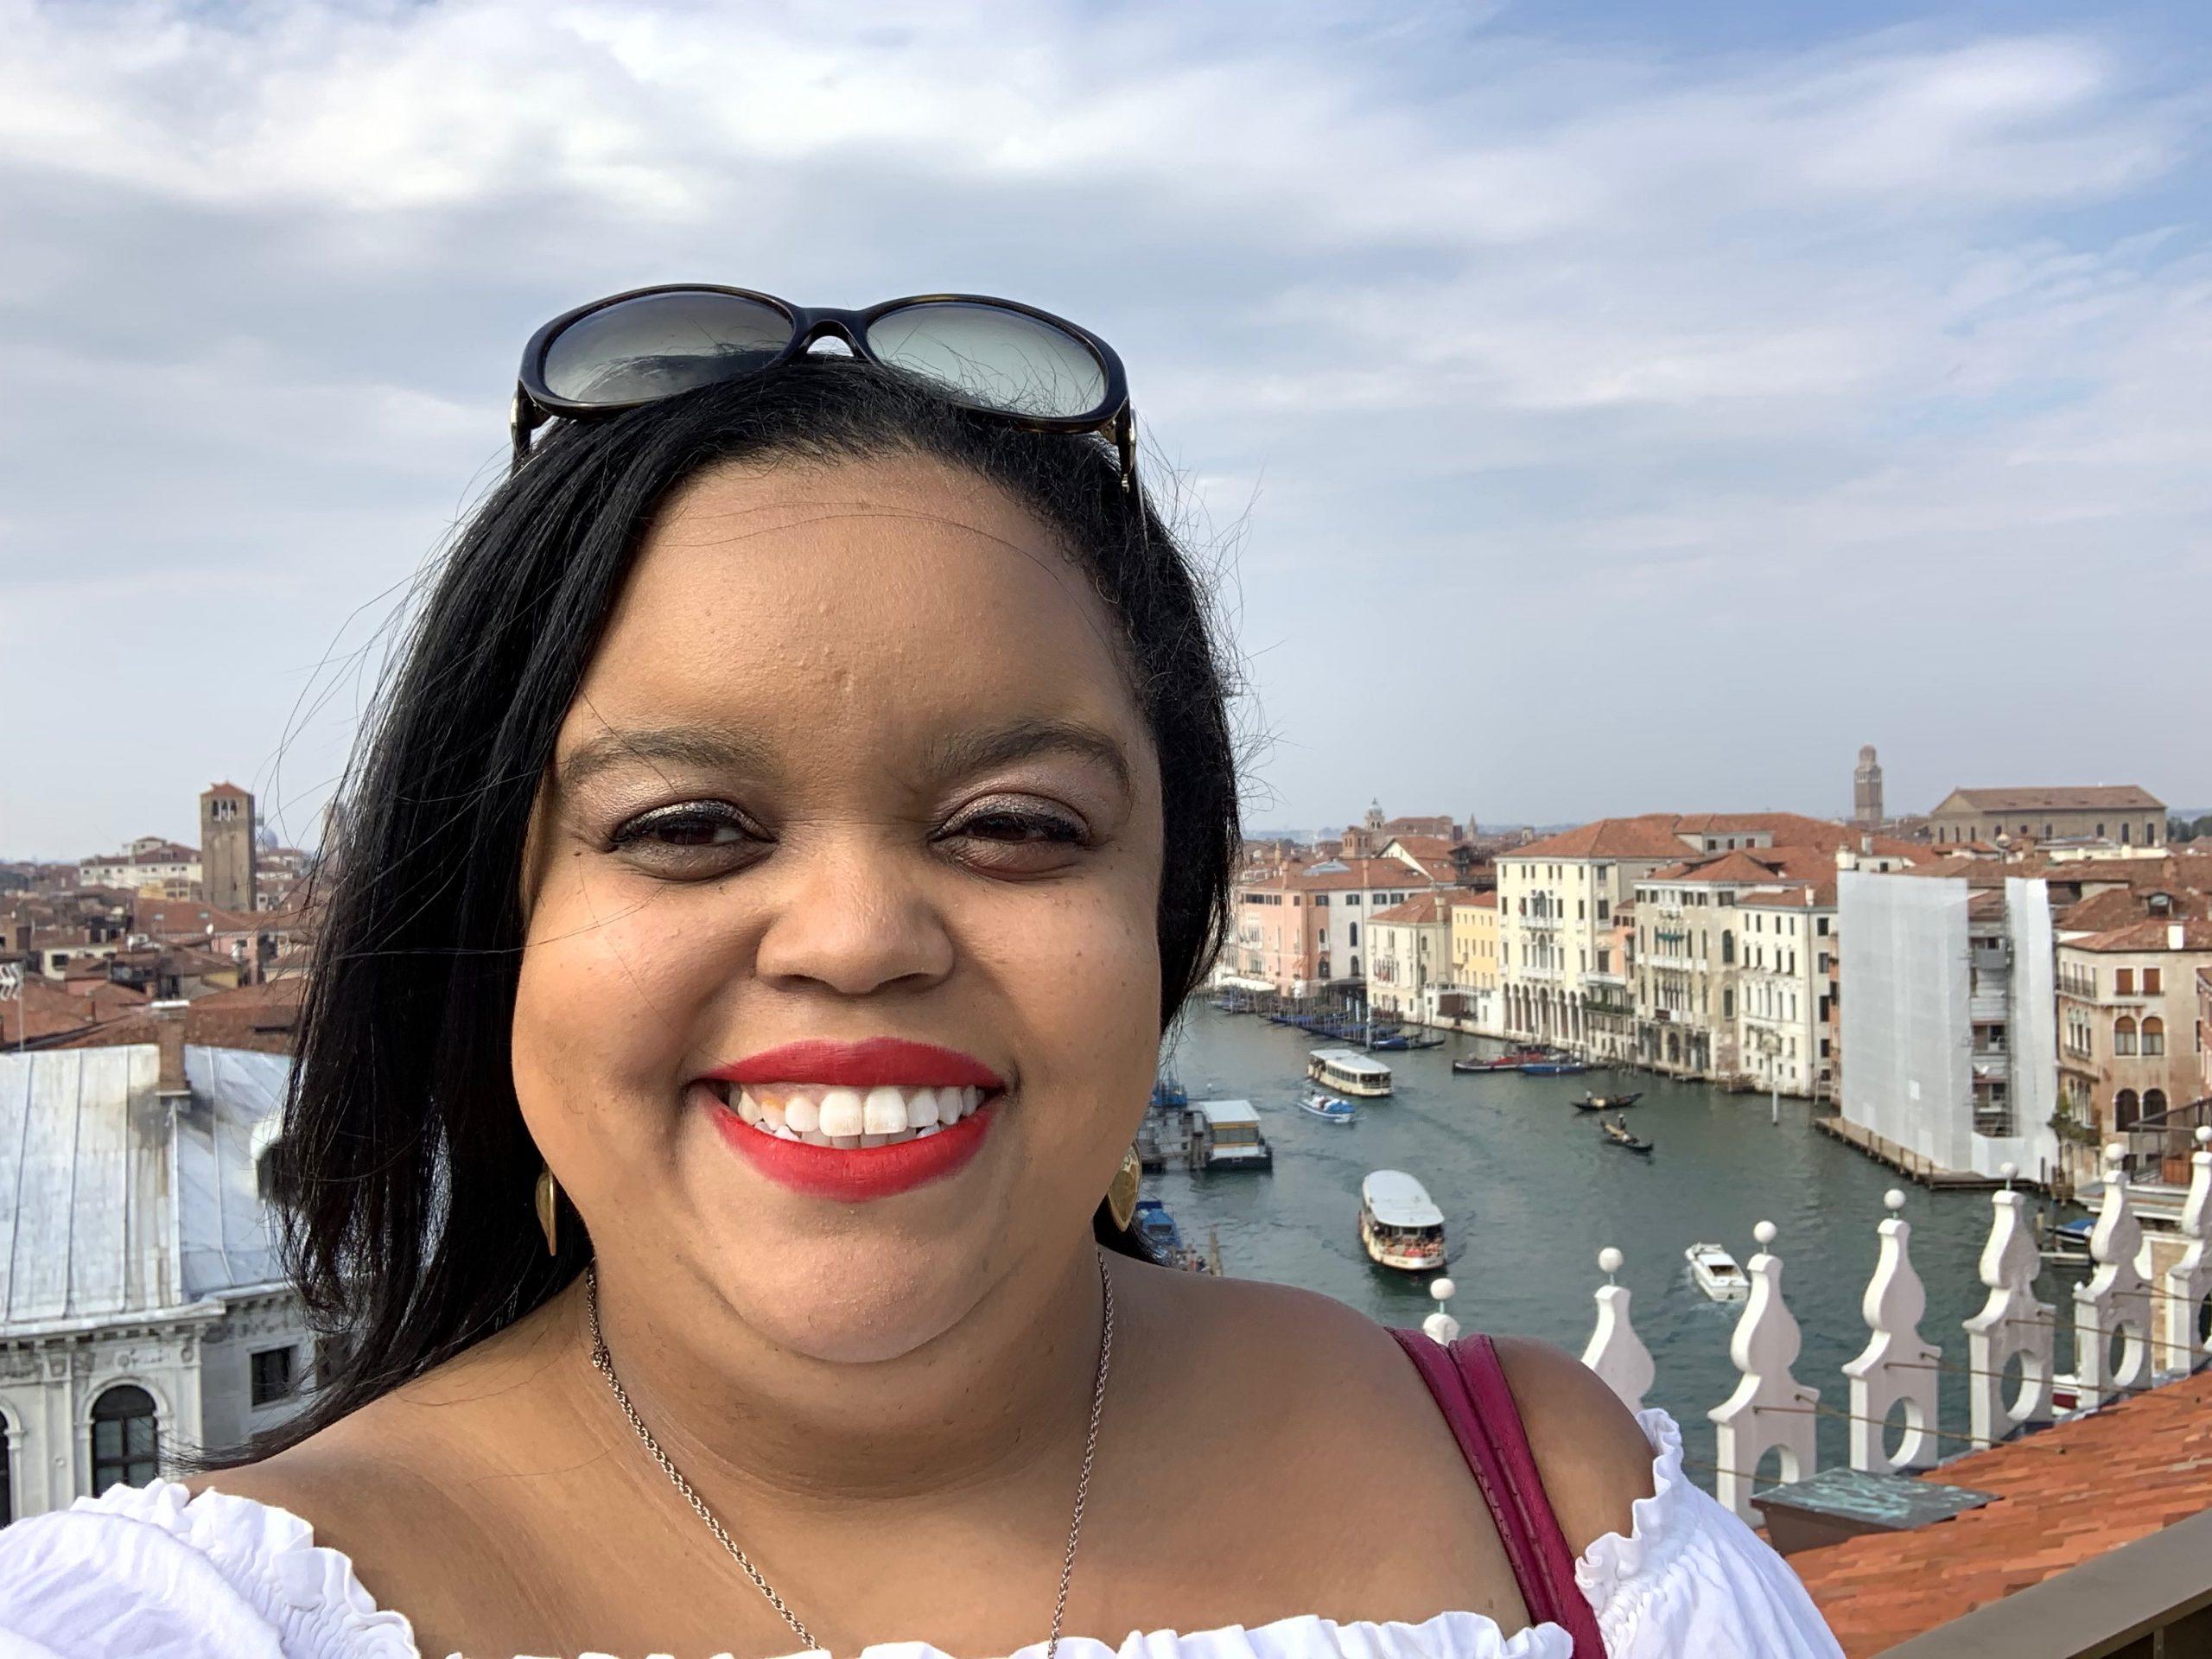 Jasmin Smiling in Venice, Italy